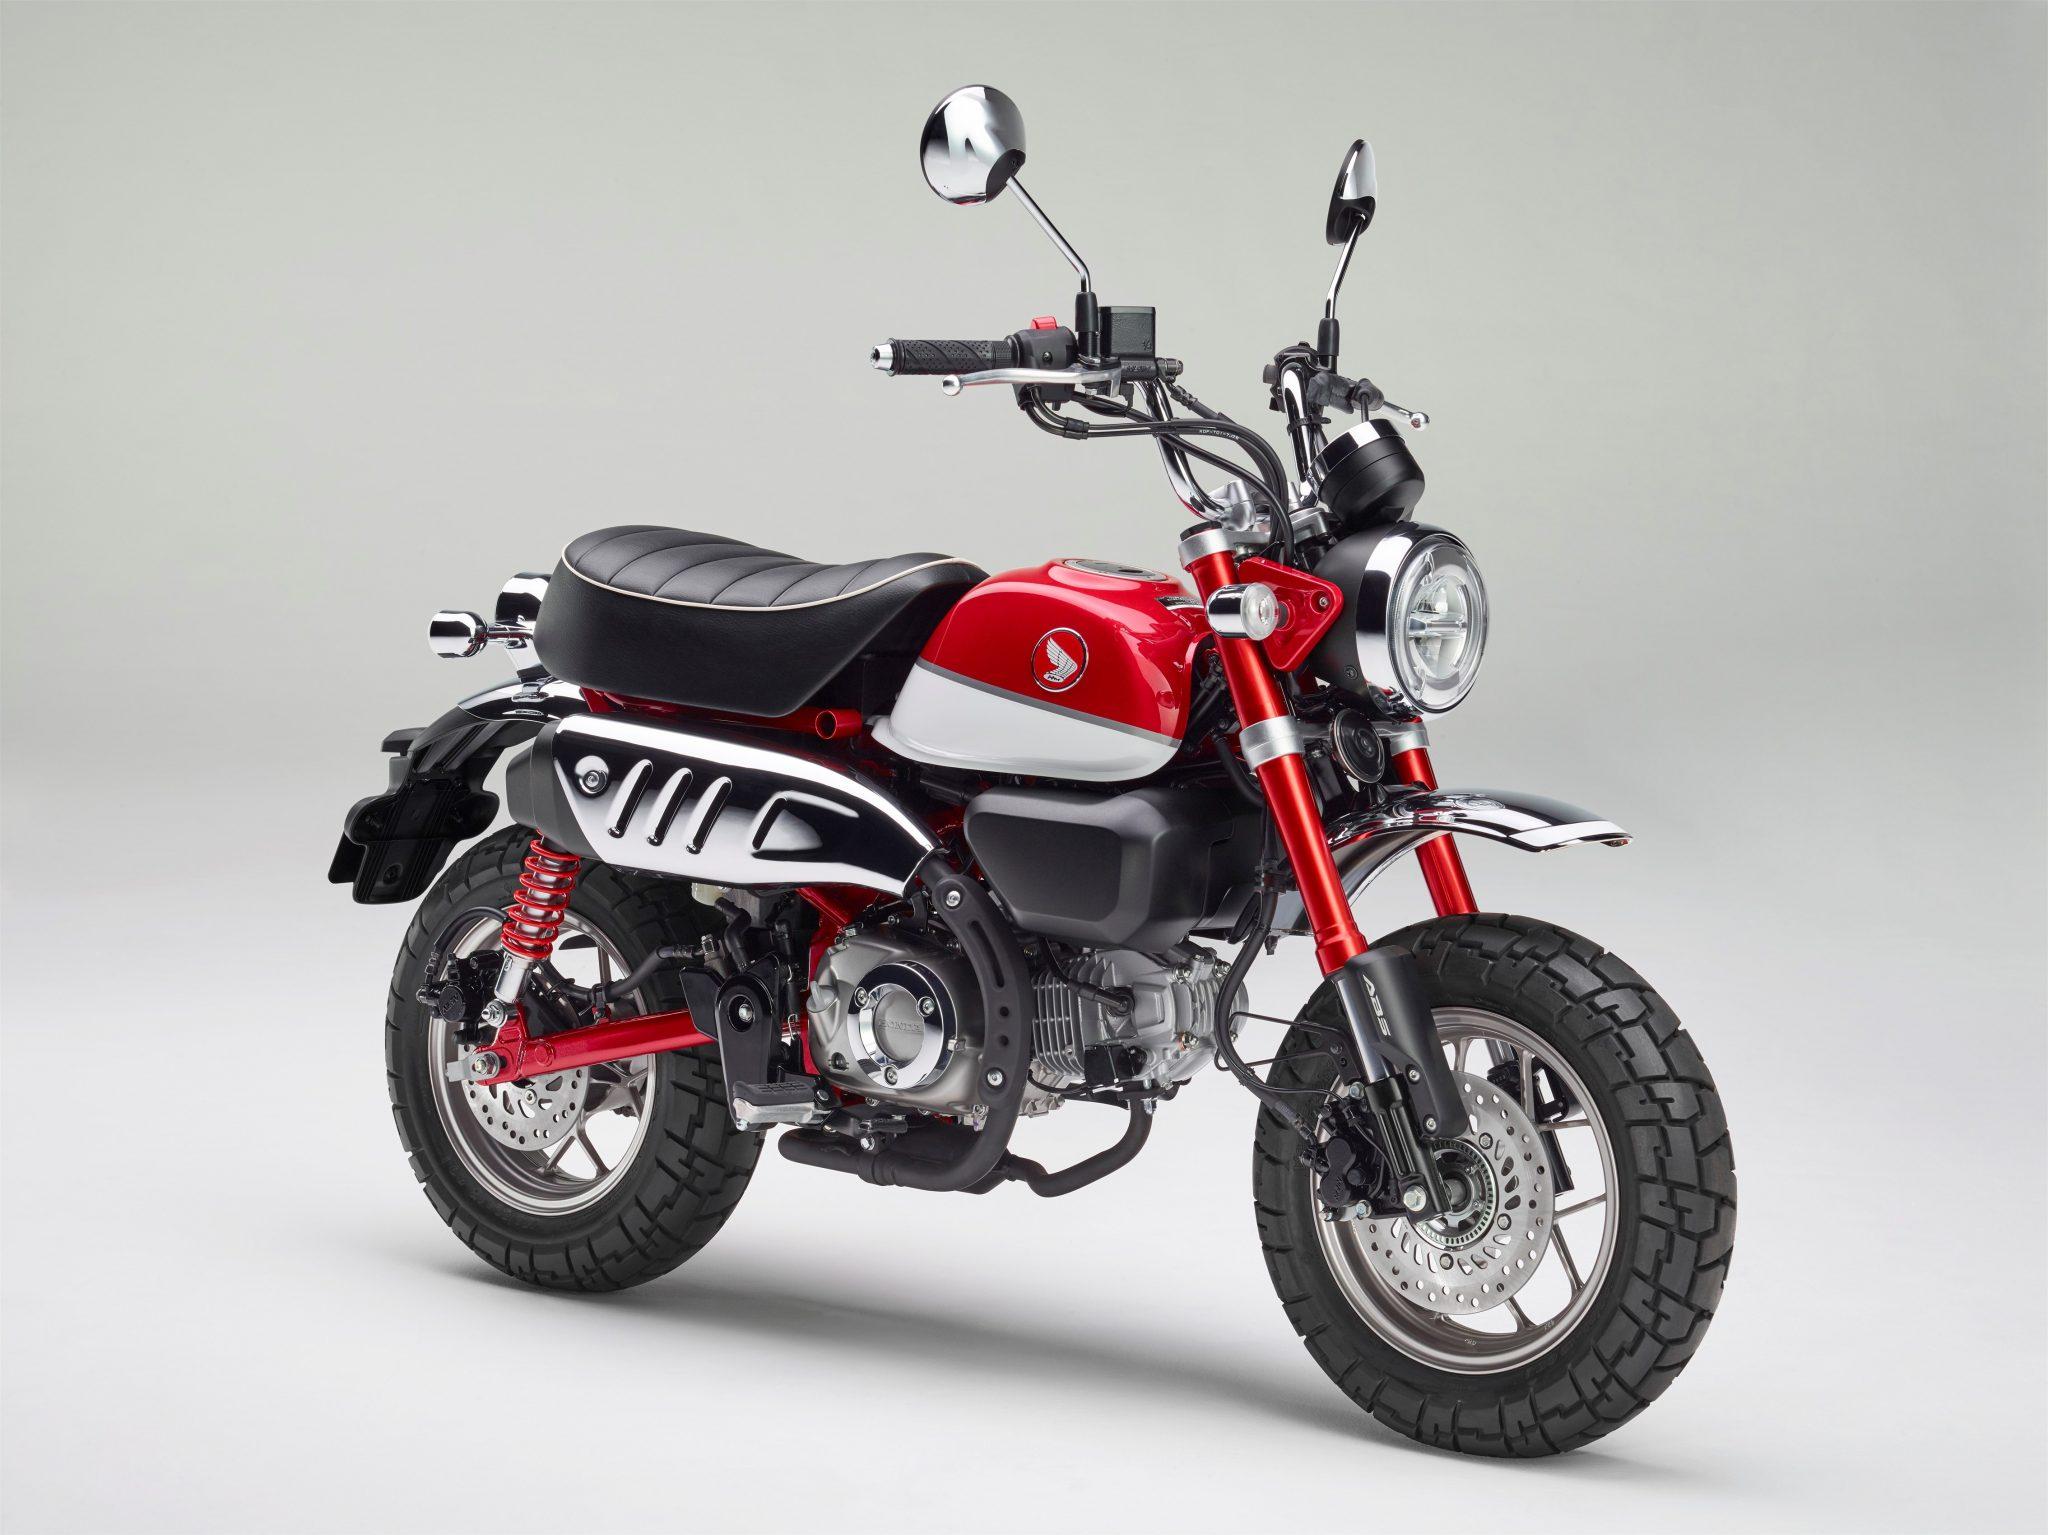 Honda Monkey 2018 bei Auto Stahl Seitenansicht Rot Schwarz Frontansicht